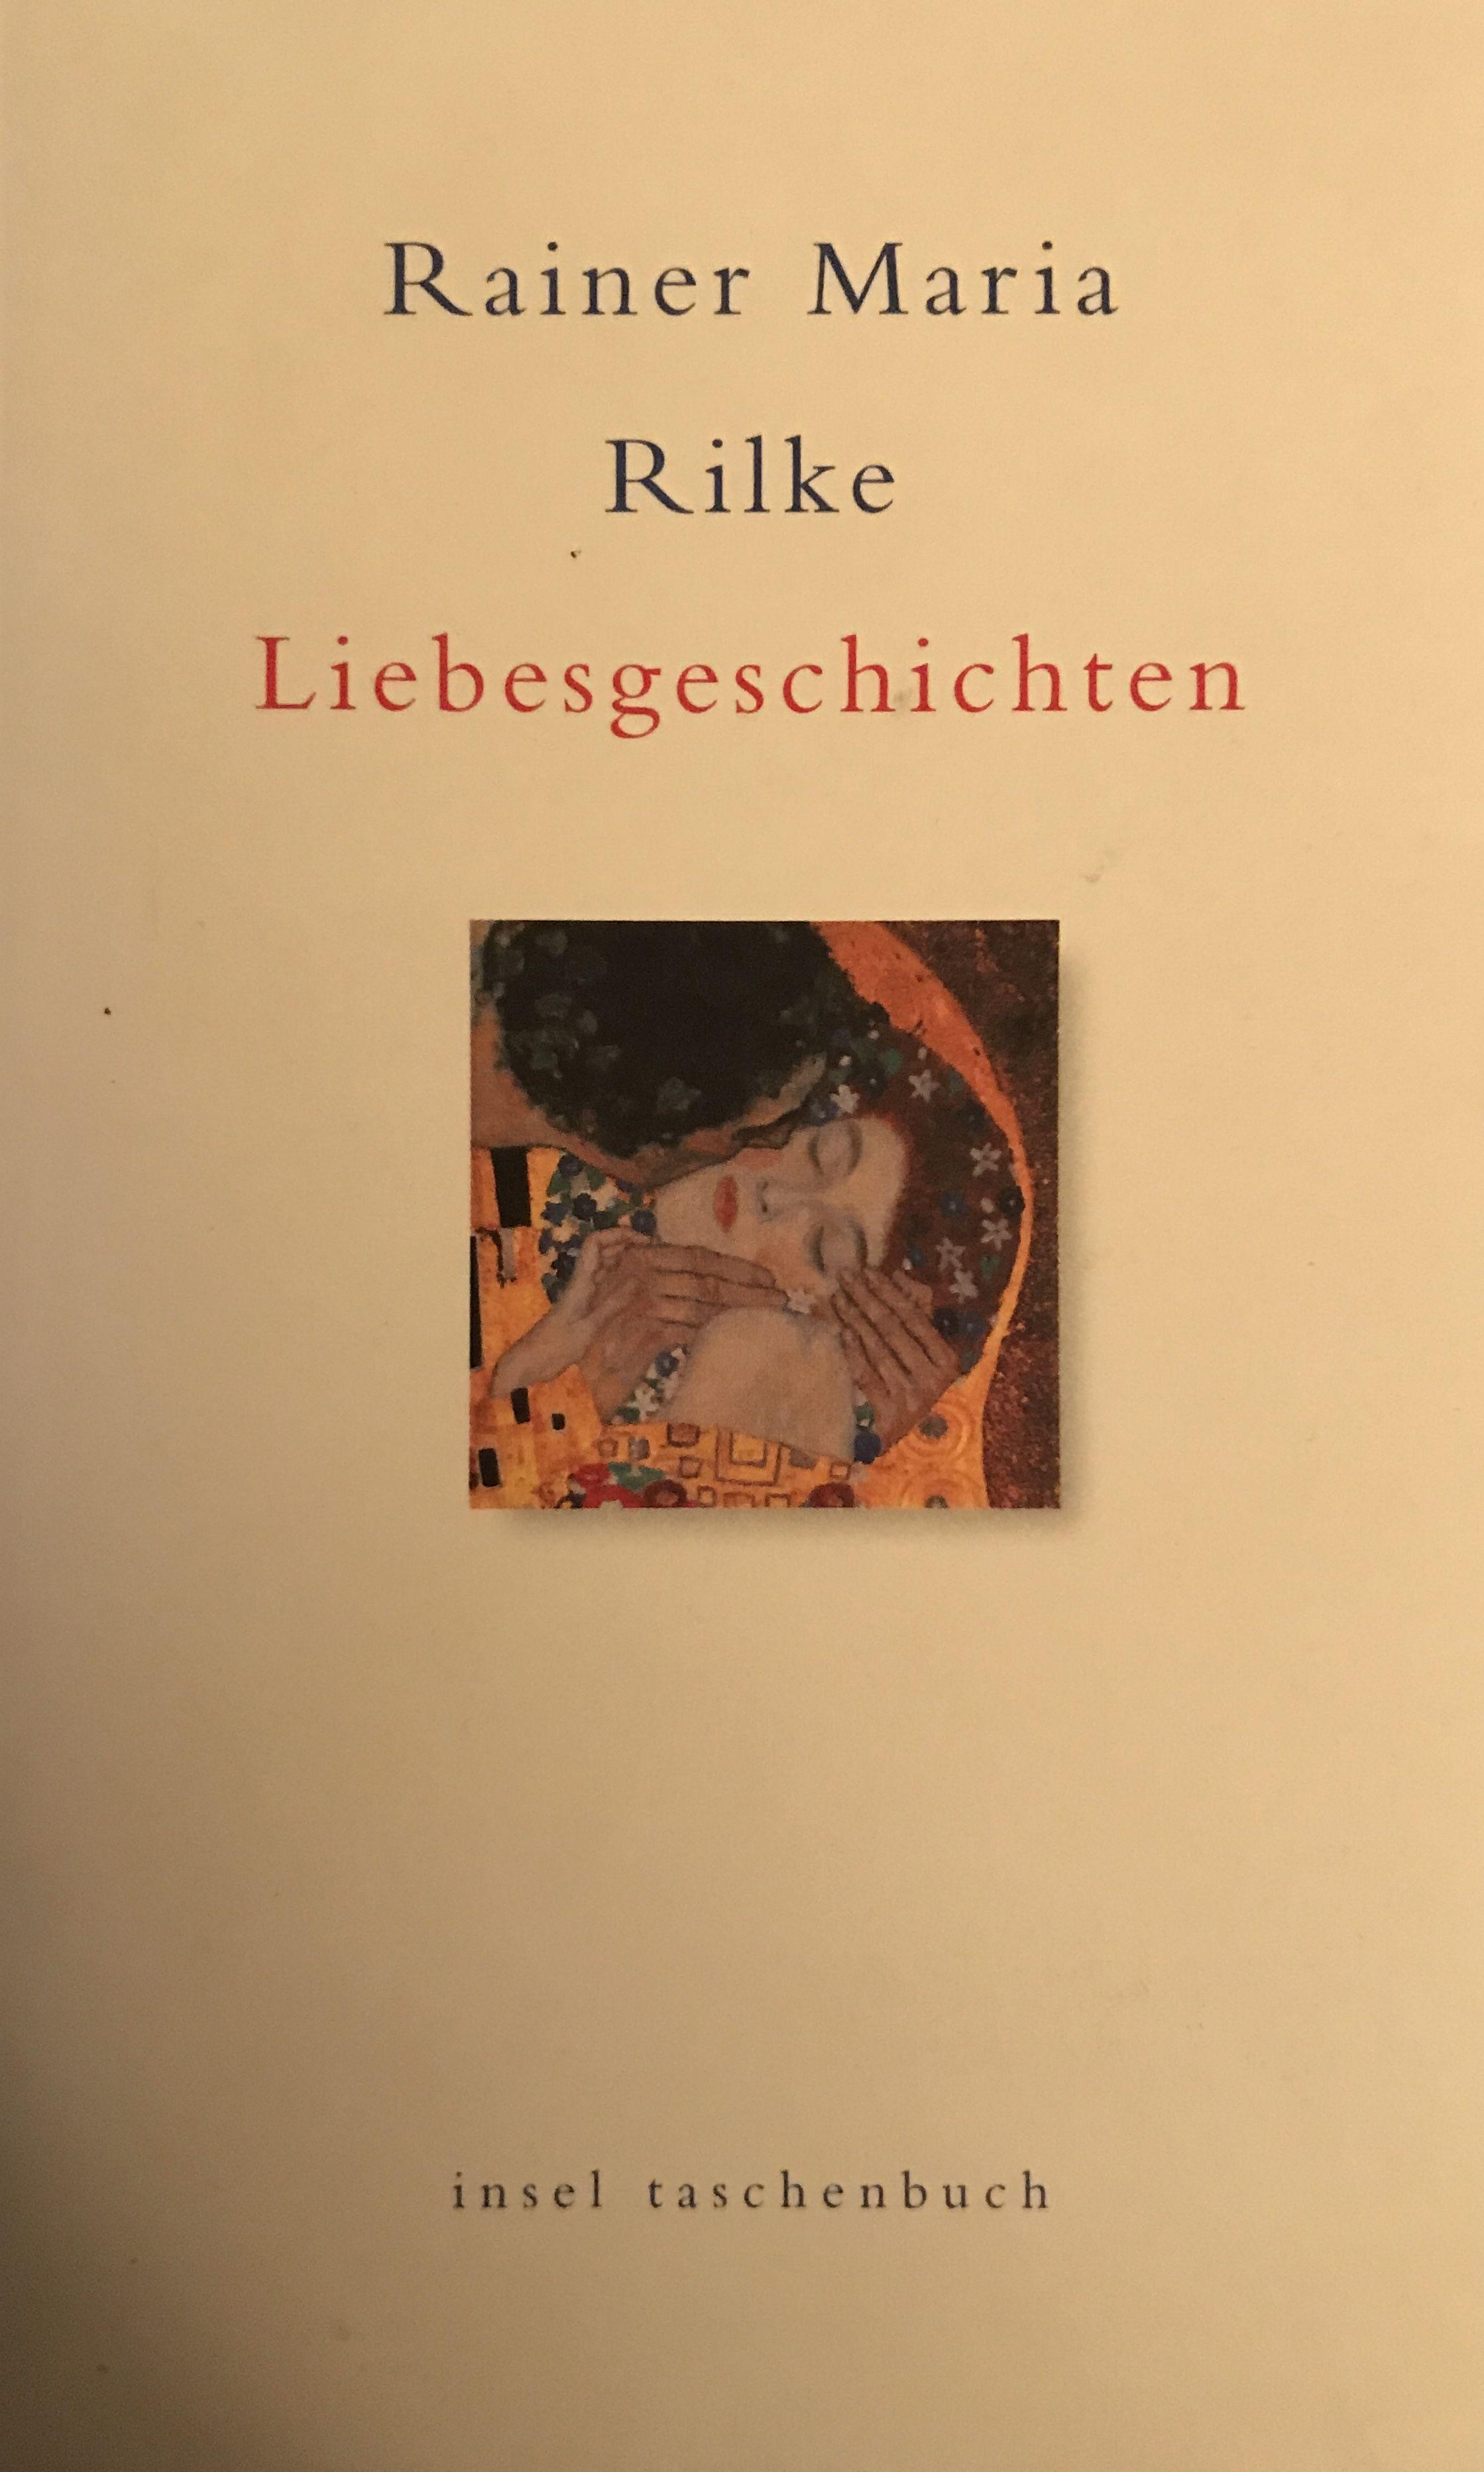 110 Seiten Liebesgeschichten Und Geschichten Von Freud Und Leid Geschrieben Vom Jungen Rilke In Einer Zeit Als Sich Di Liebesgeschichte Bucher Taschenbuch